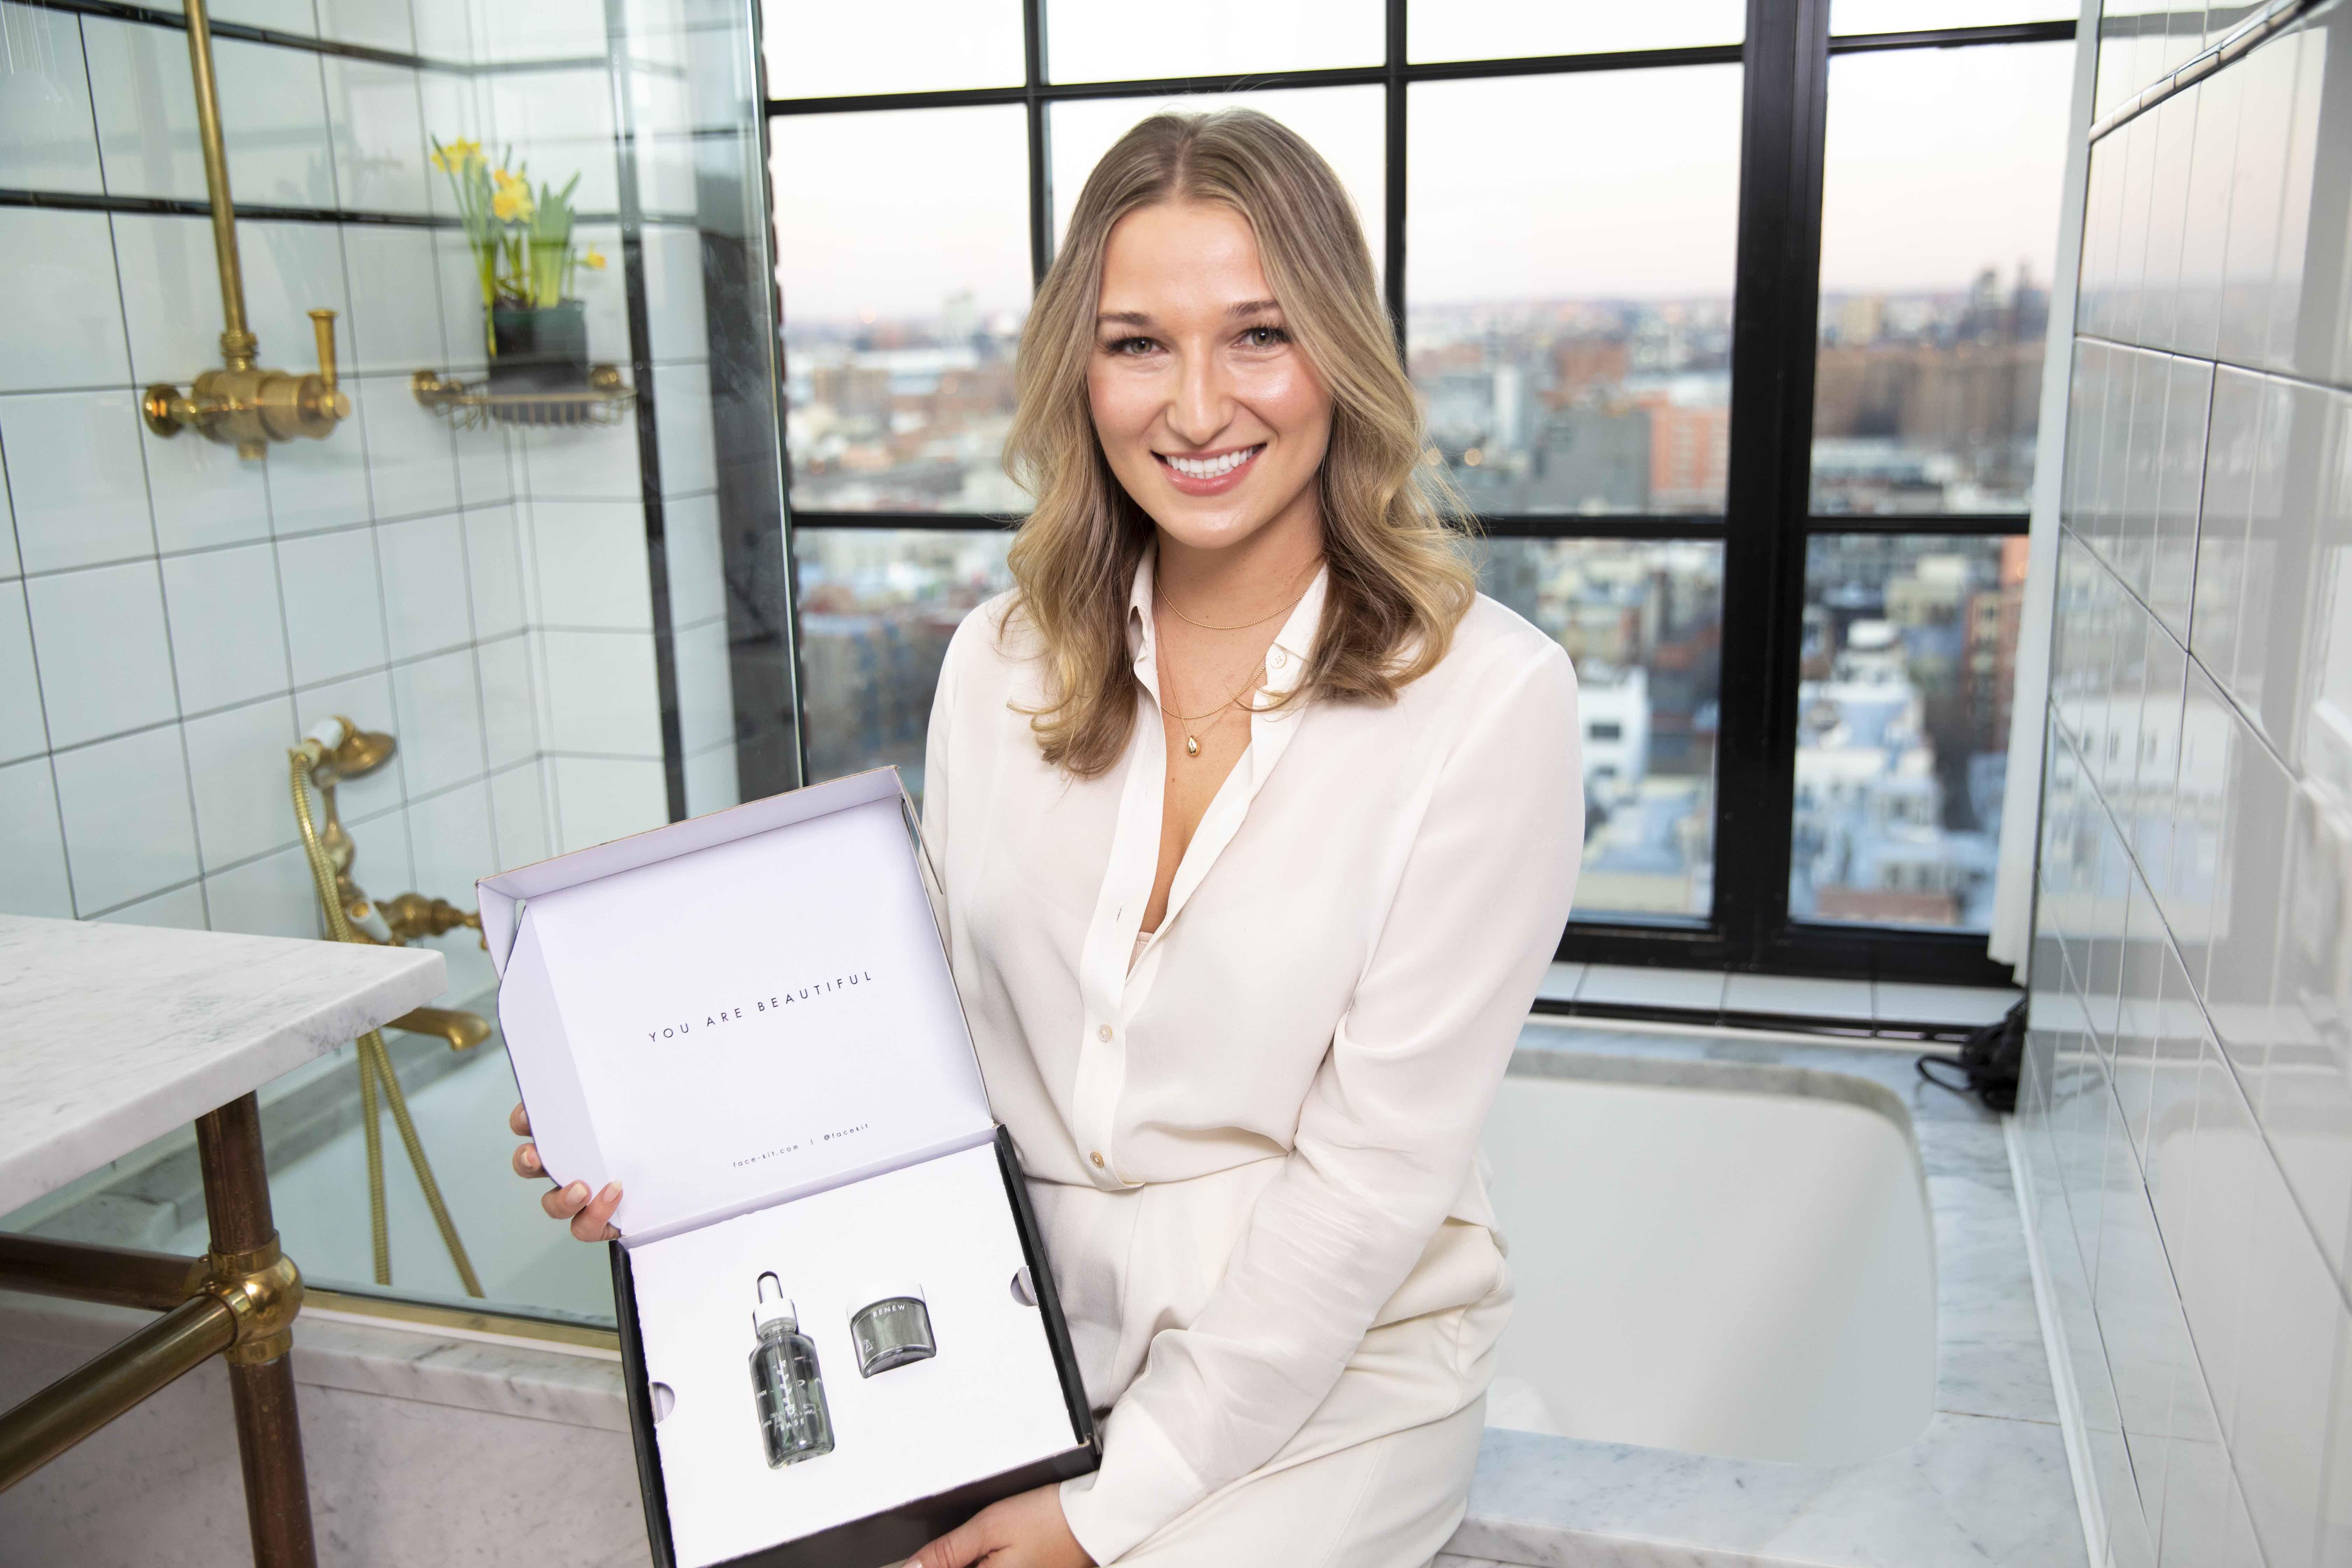 Face-Kit founder Elizabeth Schmidt